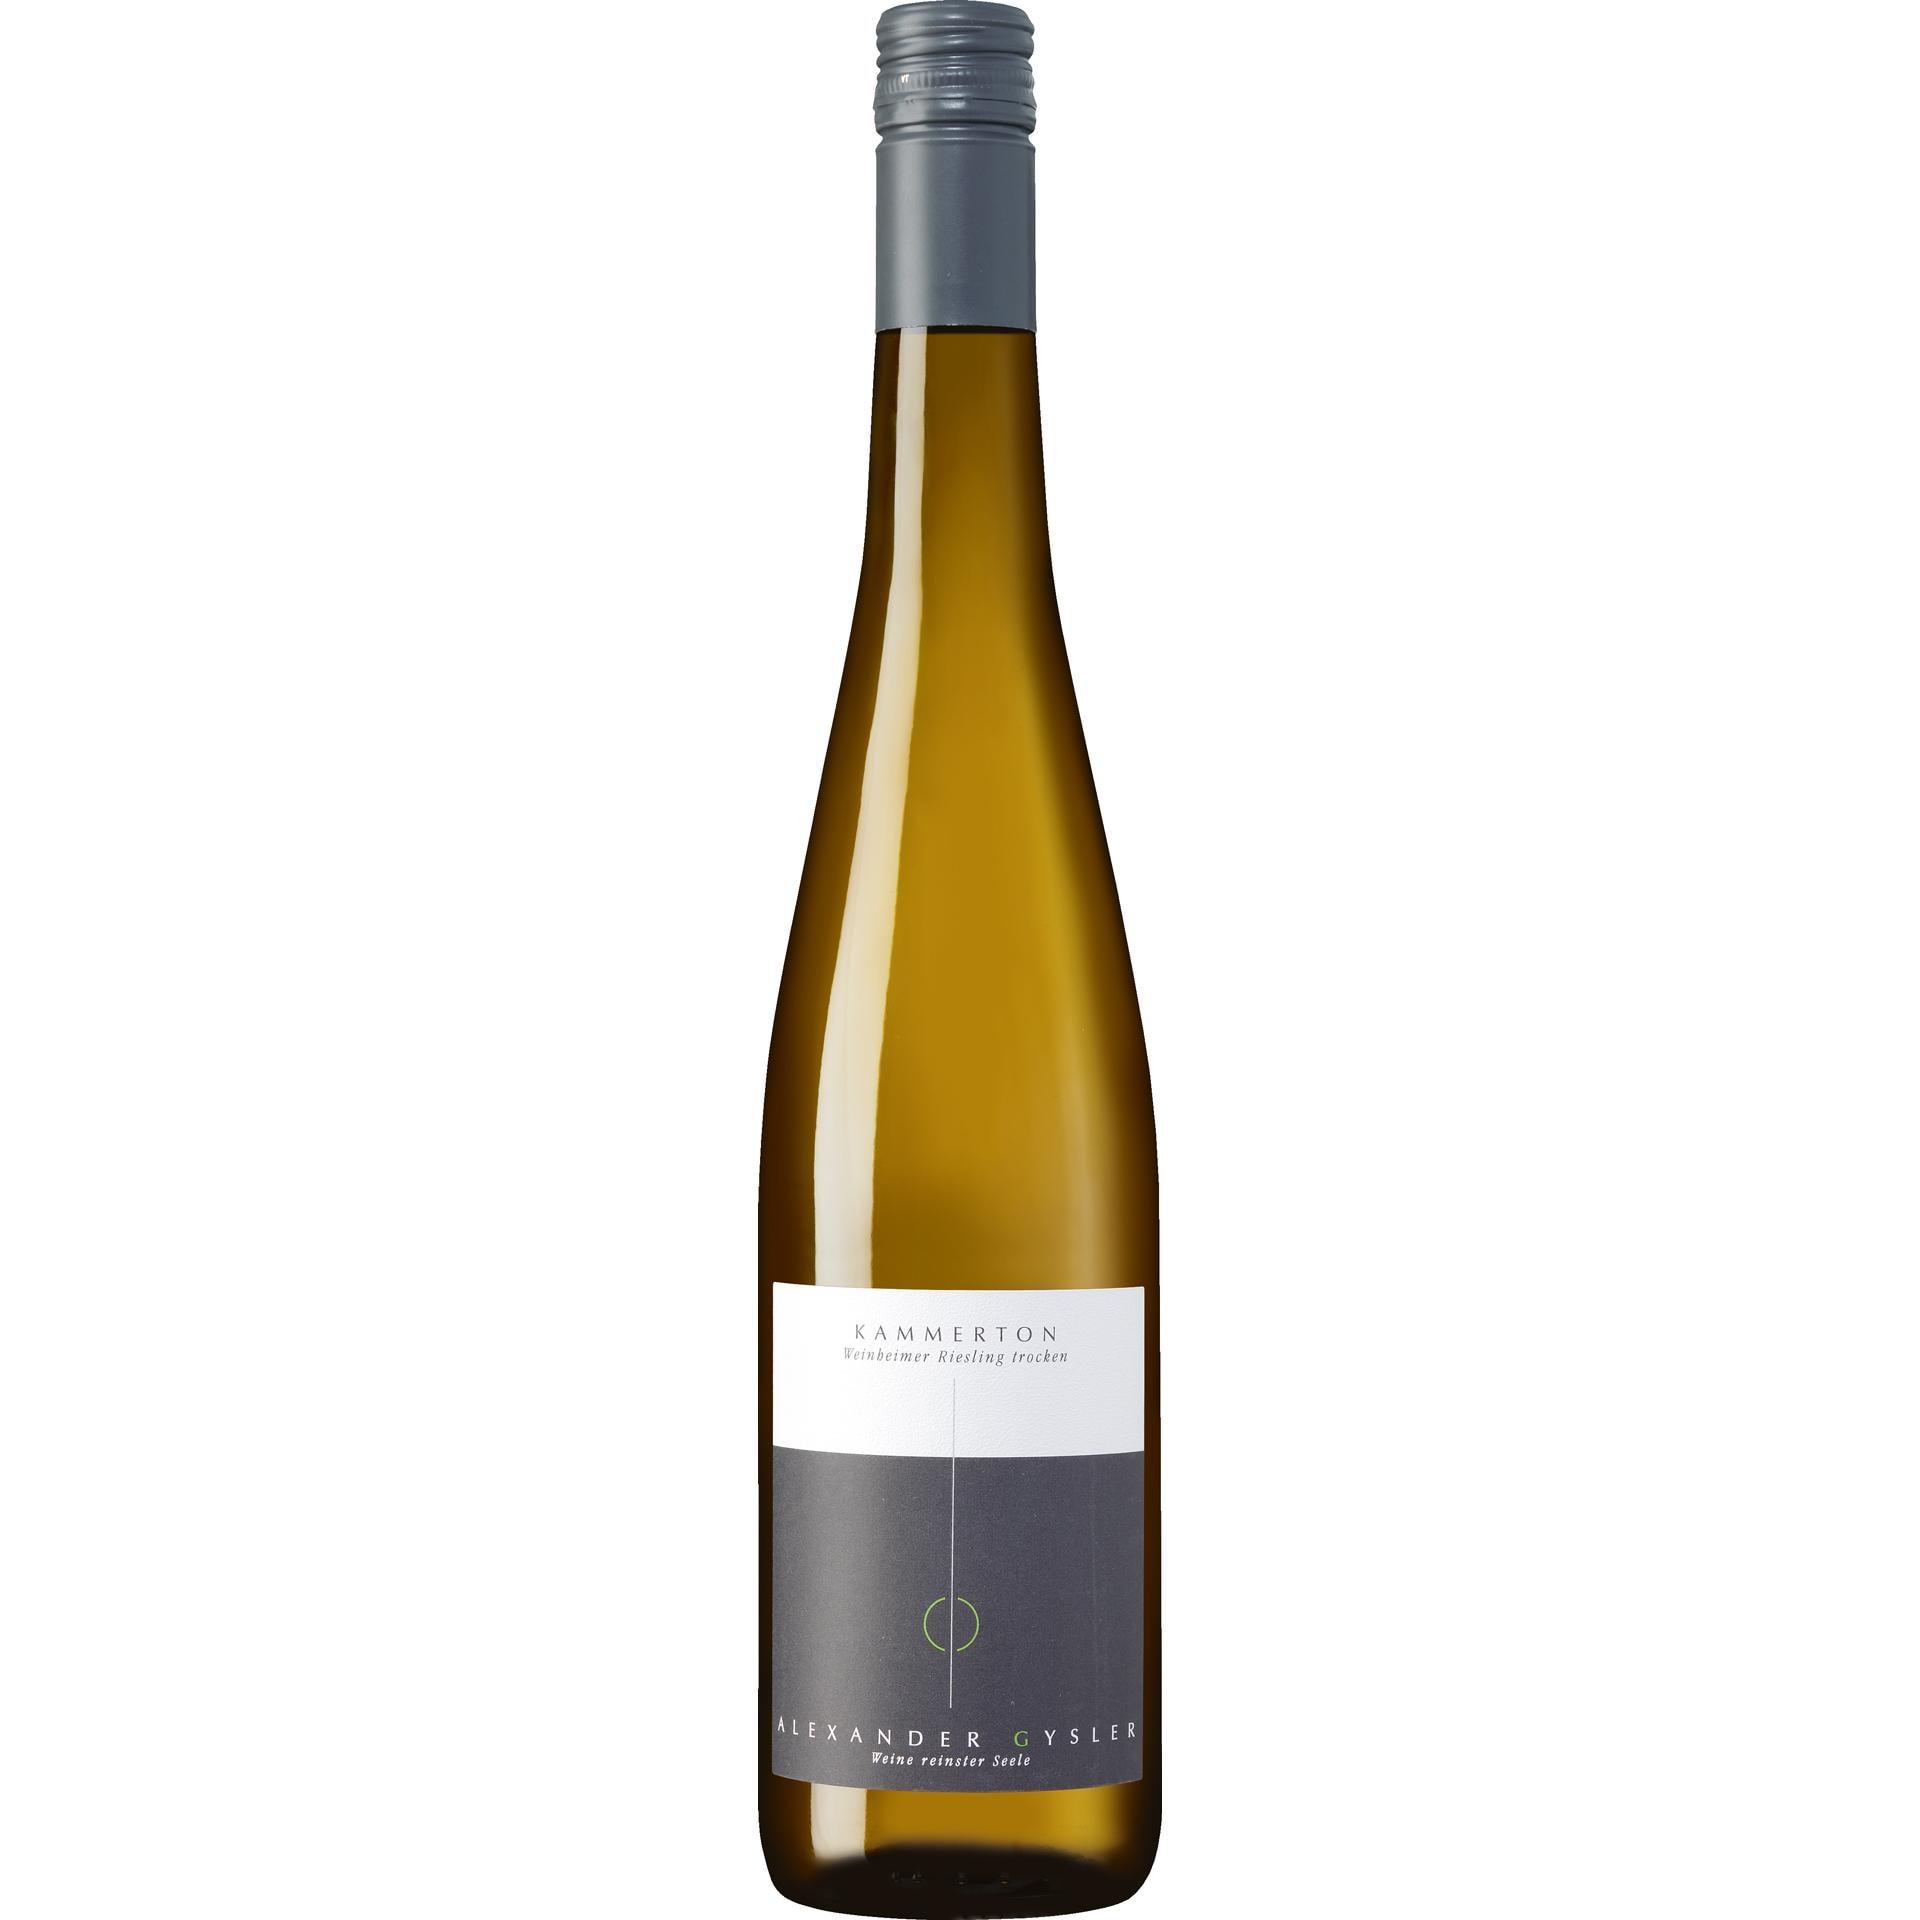 Weingut Alexander Gysler Kammerton Weinheimer Riesling QbA trocken 0,75l